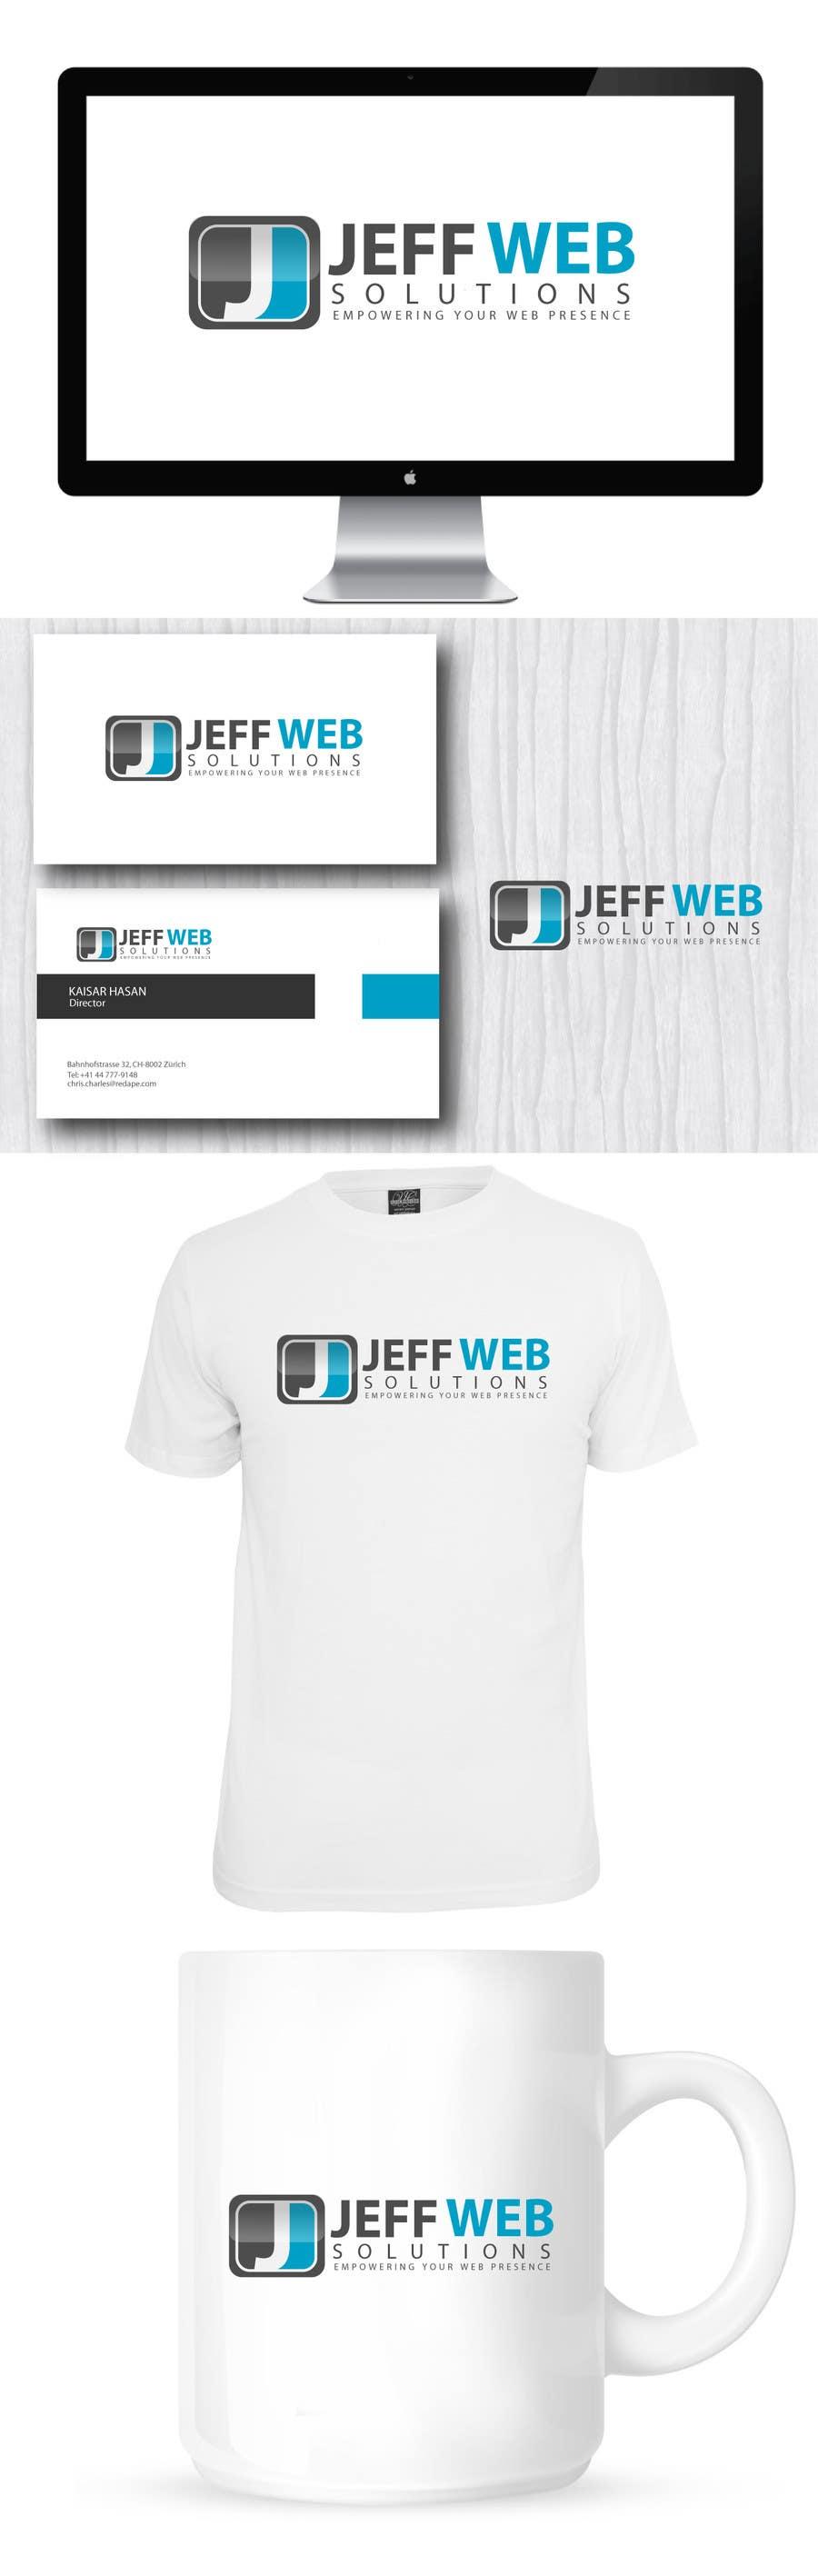 Bài tham dự cuộc thi #                                        69                                      cho                                         Design a Logo for Jeff Web Solutions